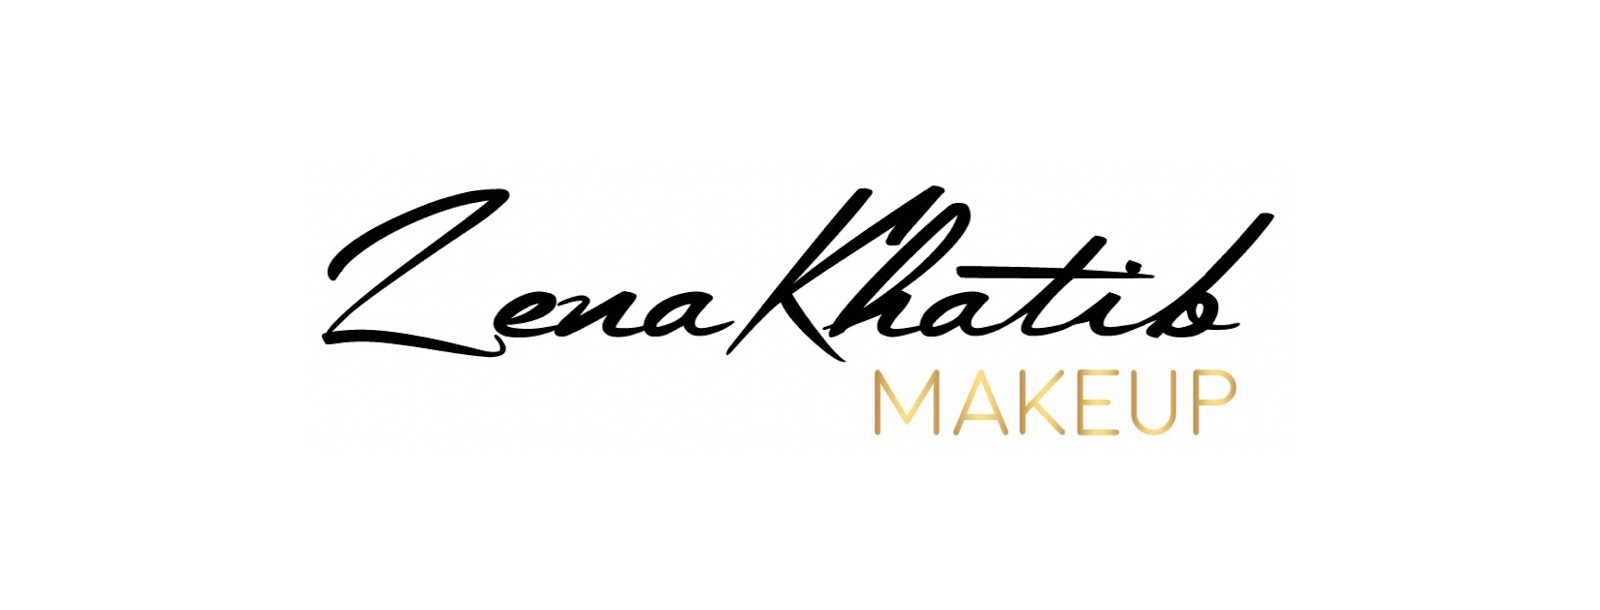 Zena Khatib Makeup